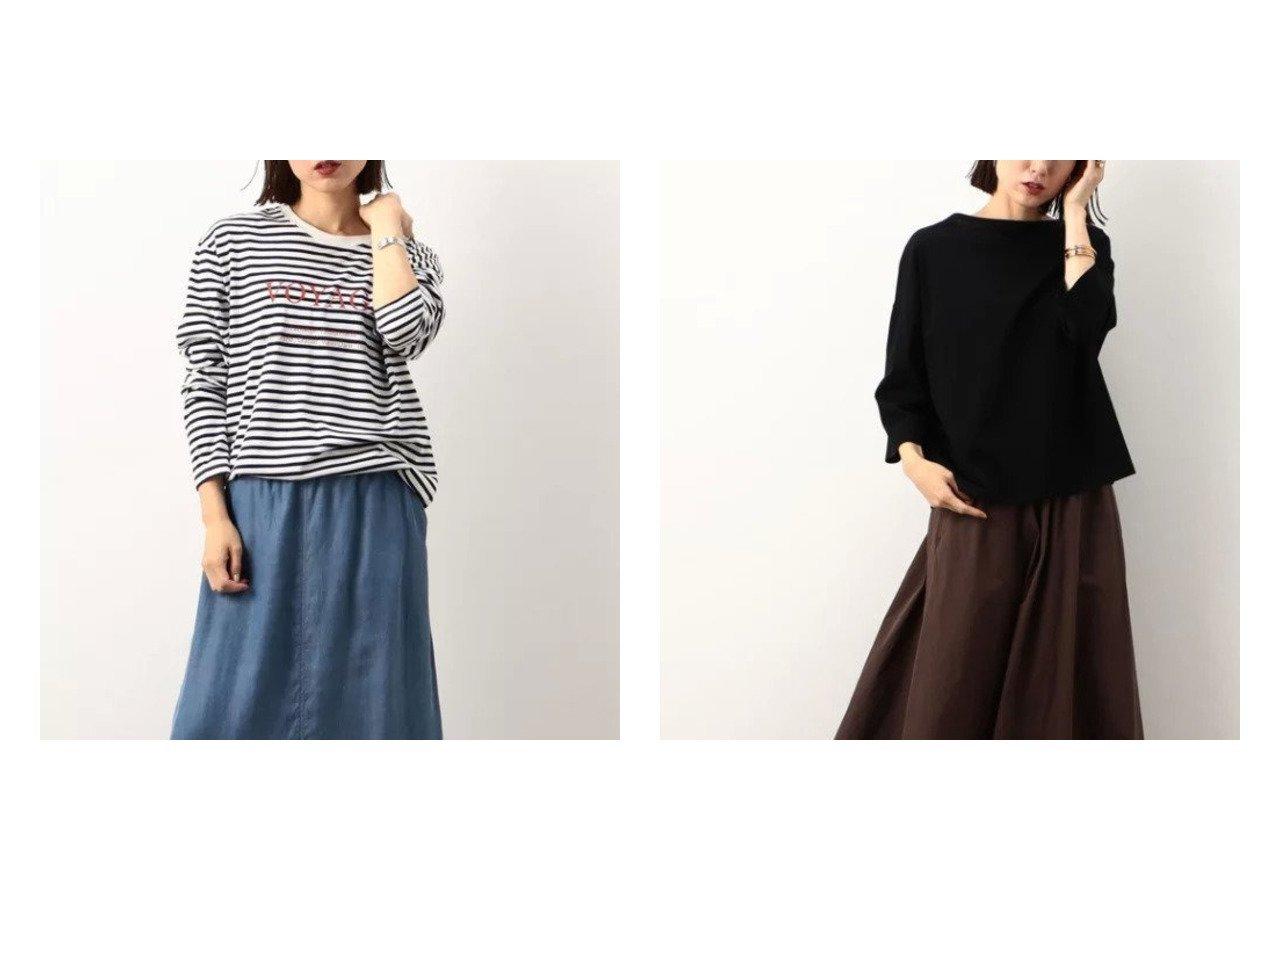 【NOLLEY'S/ノーリーズ】のペルーコットンロゴロンT&MY STANDARD ロンT 【トップス・カットソー】おすすめ!人気、トレンド・レディースファッションの通販 おすすめで人気の流行・トレンド、ファッションの通販商品 インテリア・家具・メンズファッション・キッズファッション・レディースファッション・服の通販 founy(ファニー) https://founy.com/ ファッション Fashion レディースファッション WOMEN トップス・カットソー Tops/Tshirt シャツ/ブラウス Shirts/Blouses ロング / Tシャツ T-Shirts カットソー Cut and Sewn インナー カットソー 長袖 ベーシック ロング おすすめ Recommend |ID:crp329100000055600